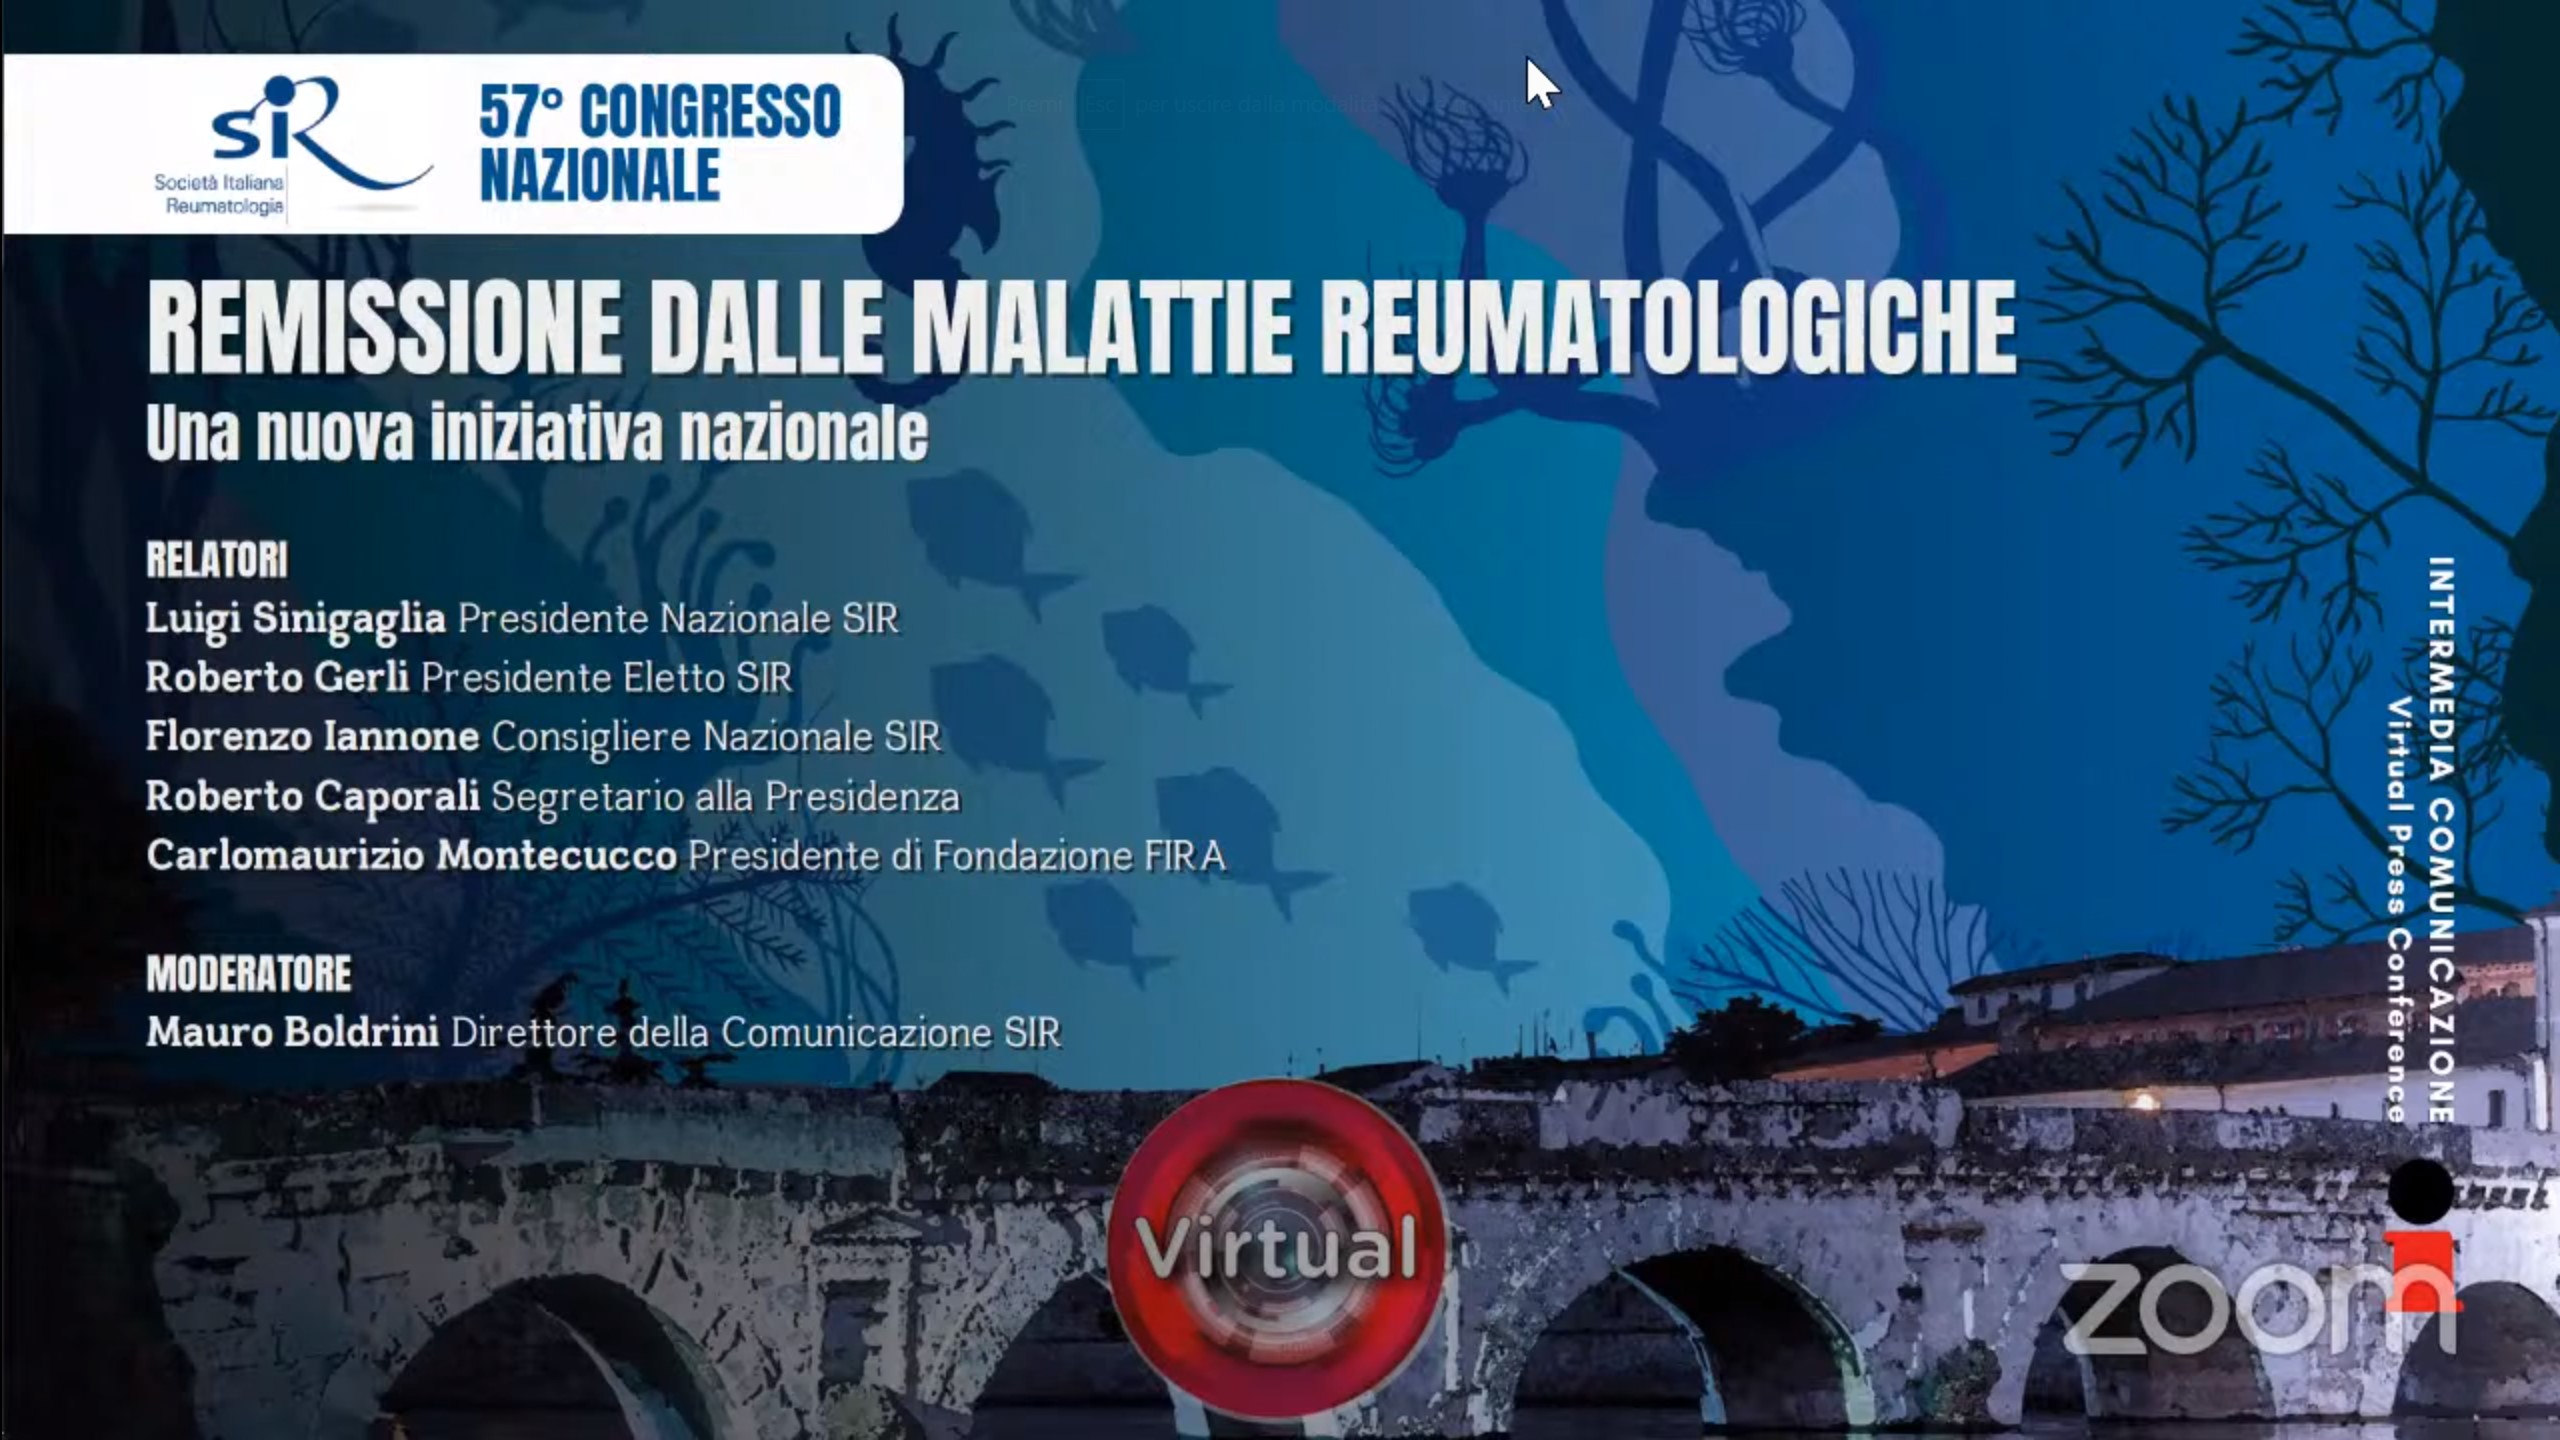 57° Congresso Nazionale SIR - Remissione dalle malattie reumatologiche